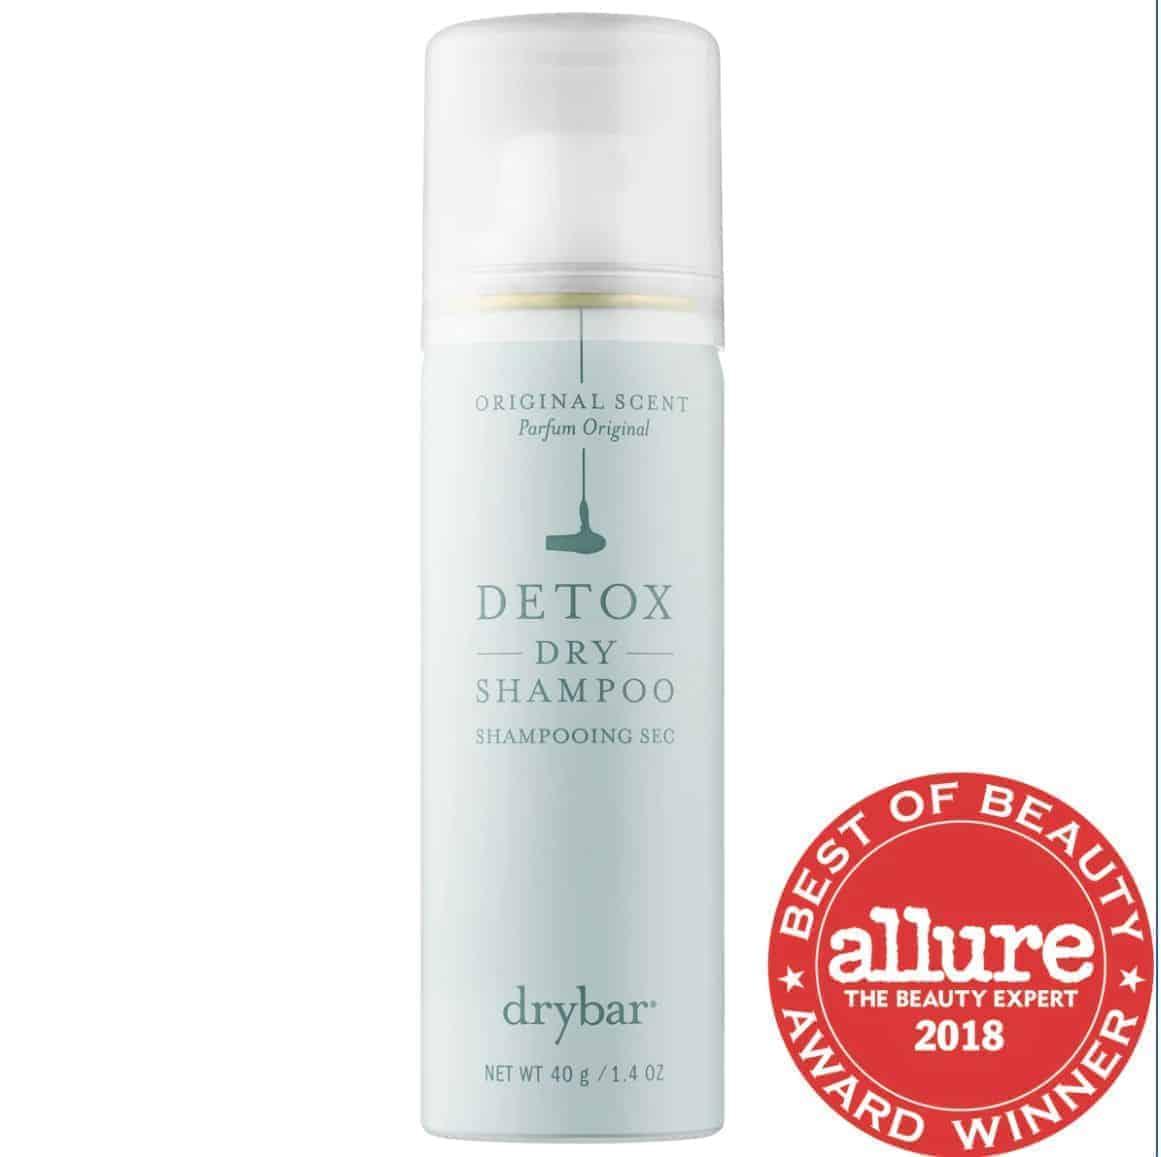 detox-dry-shampoo